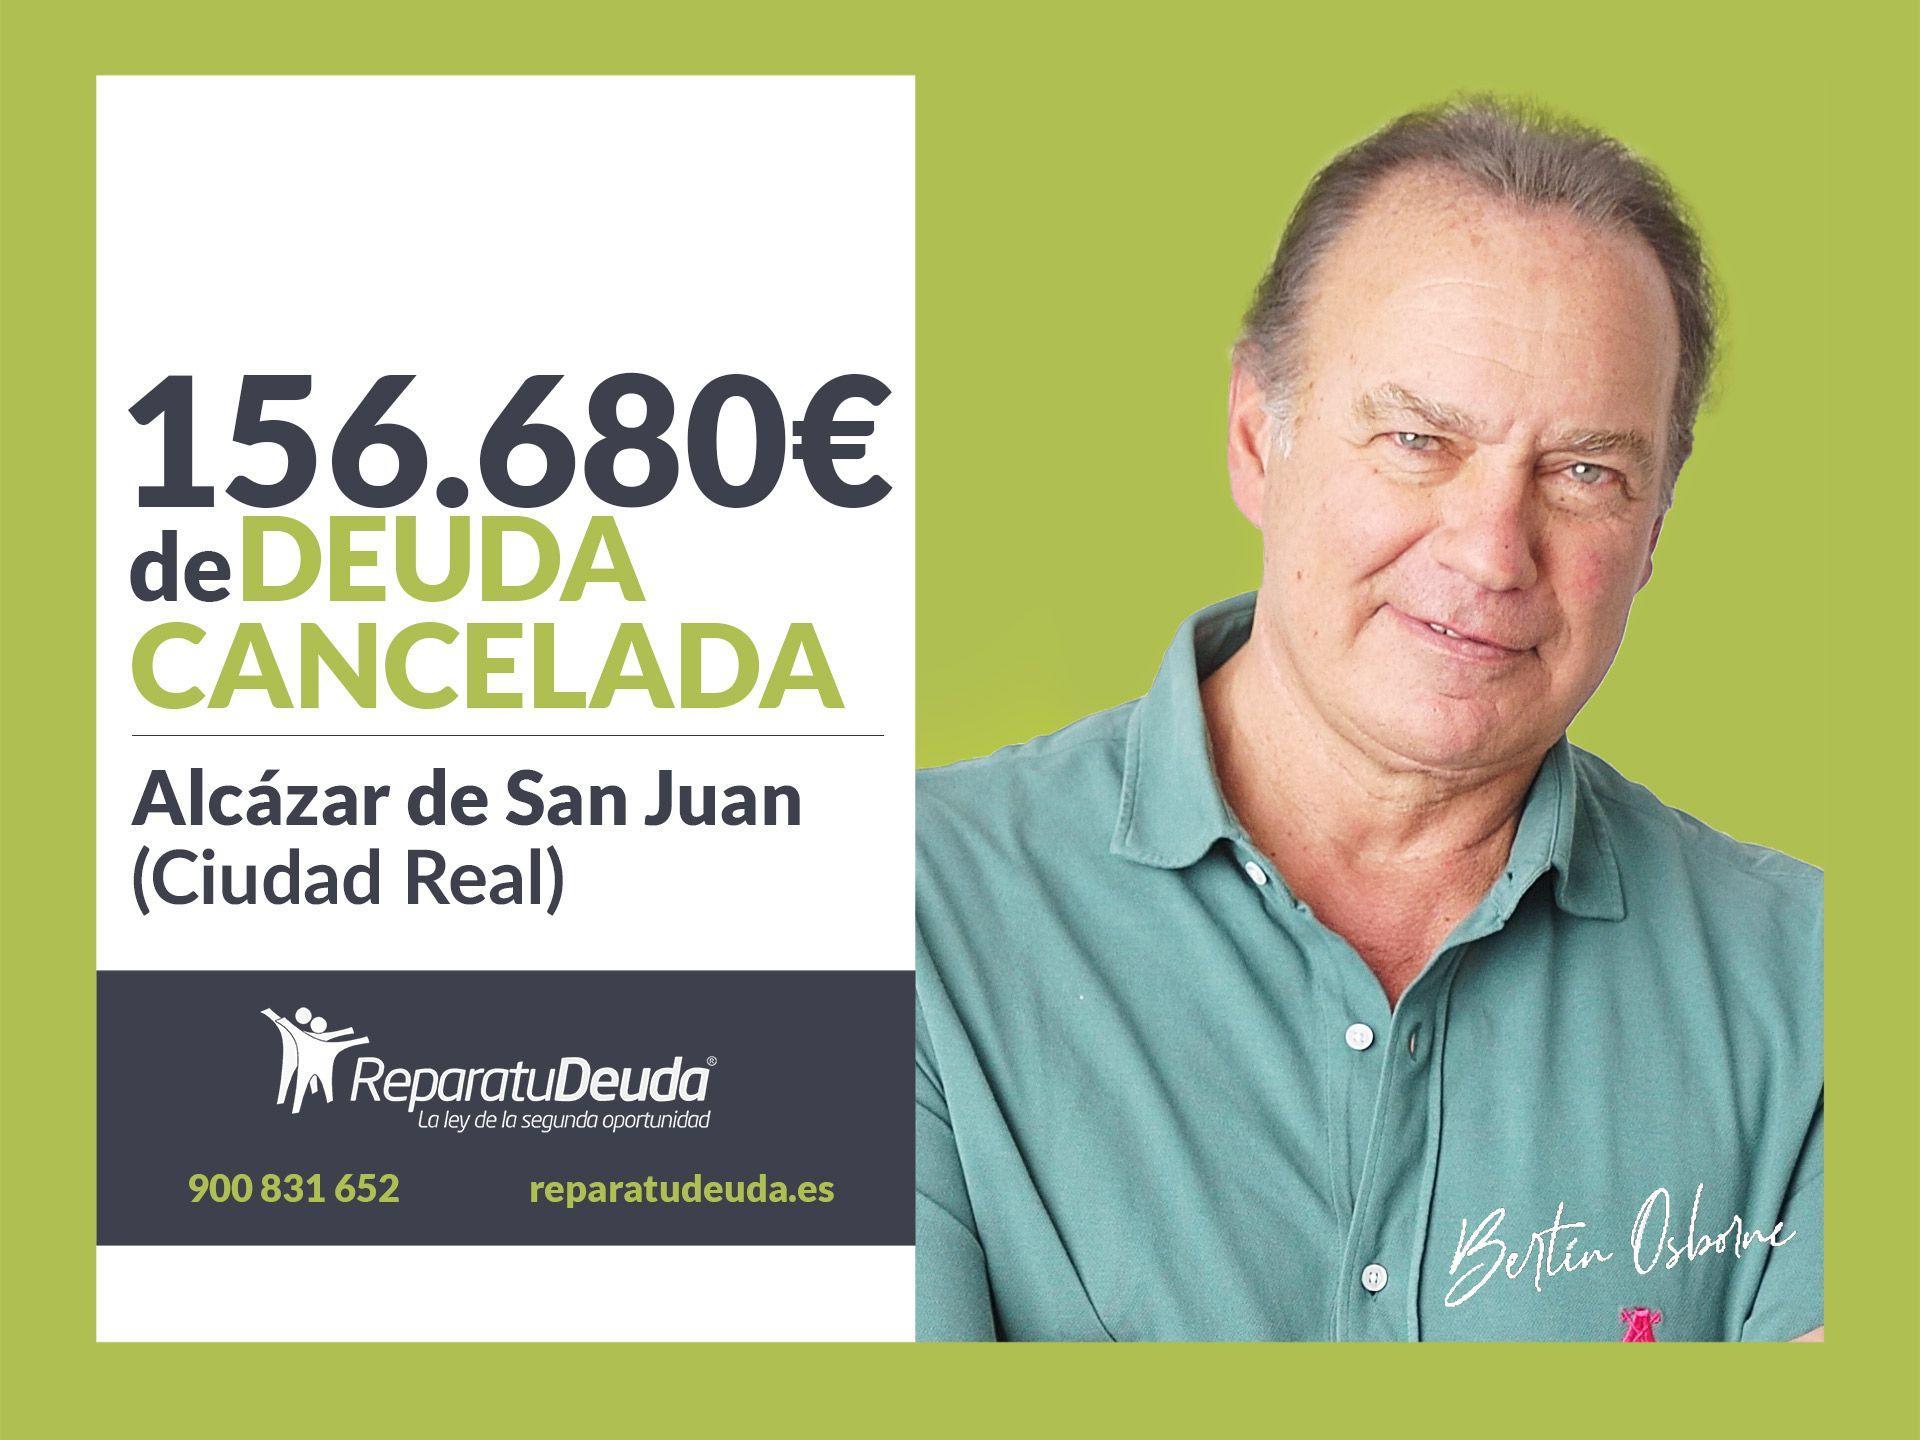 Repara tu Deuda cancela 156.680 euros con avalistas en Ciudad Real con la Ley de la Segunda Oportunidad